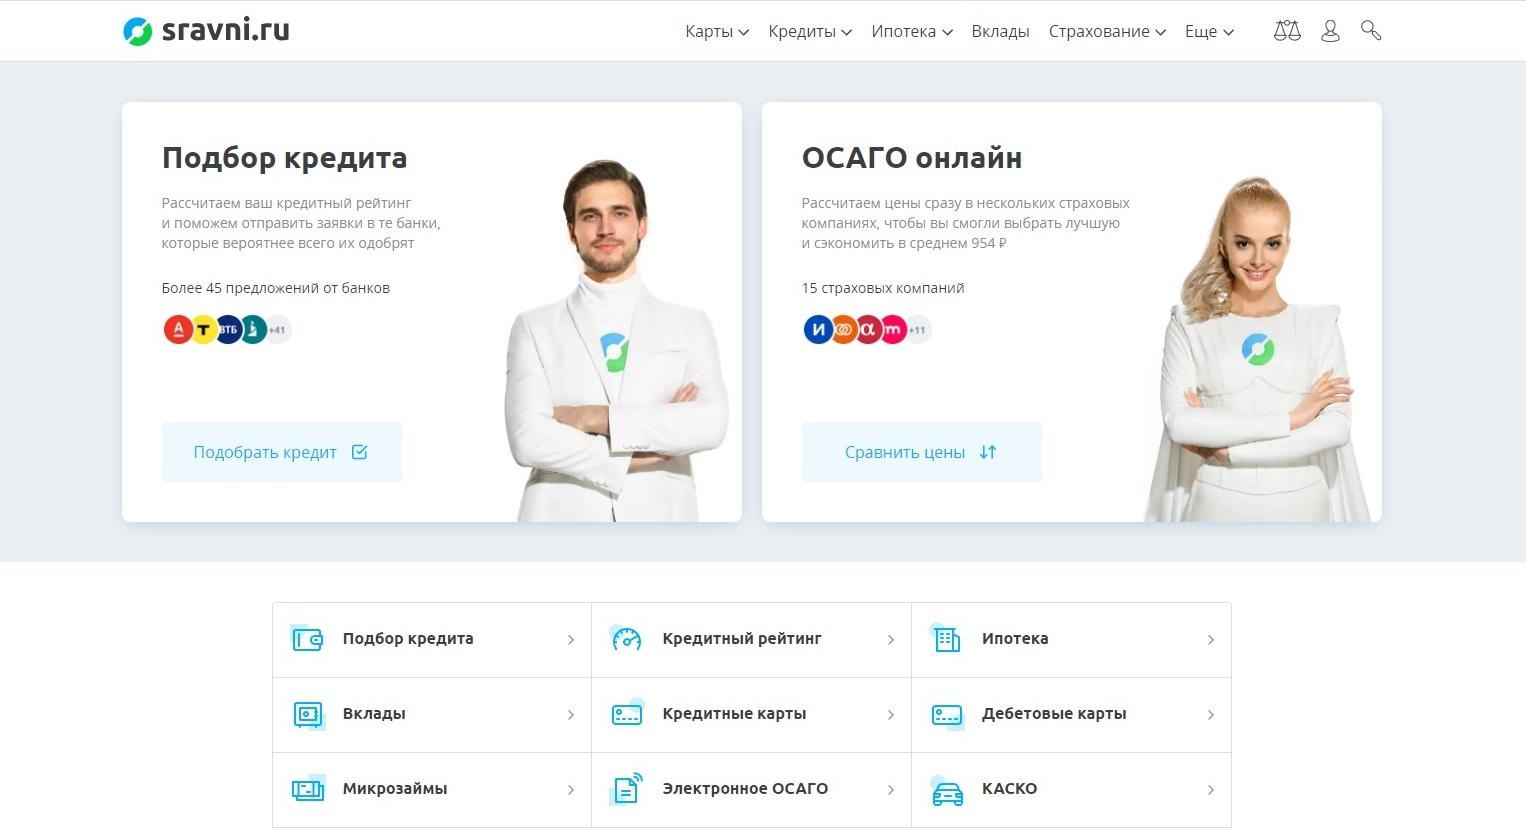 Сравни.ру выход на ipo